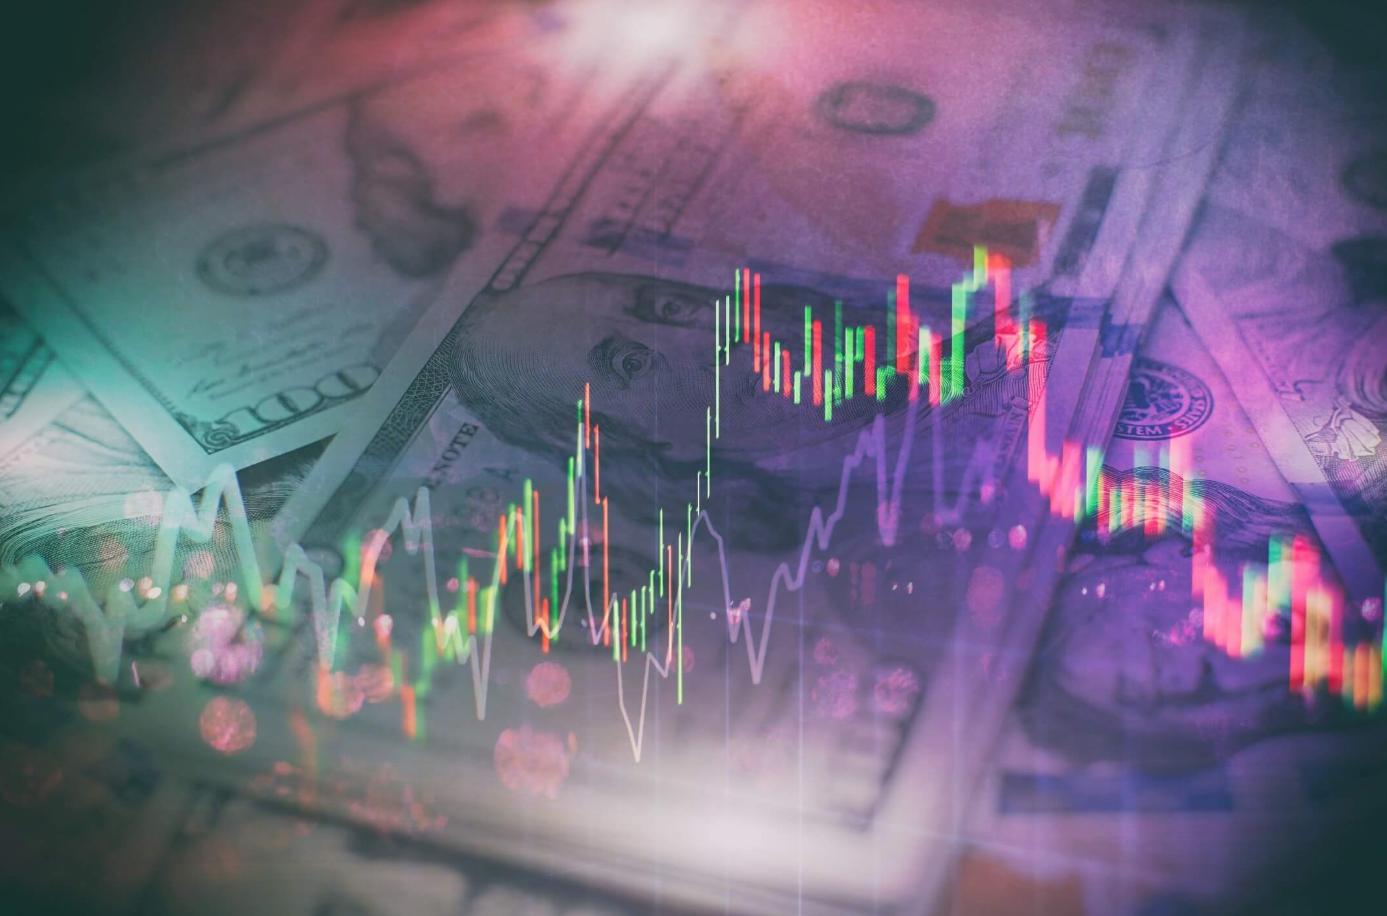 انتخابات آمریکا - چگونه انتخابات ریاست جمهوری آمریکا بر بازار سهام بین الملل تأثیر خواهد گذاشت؟